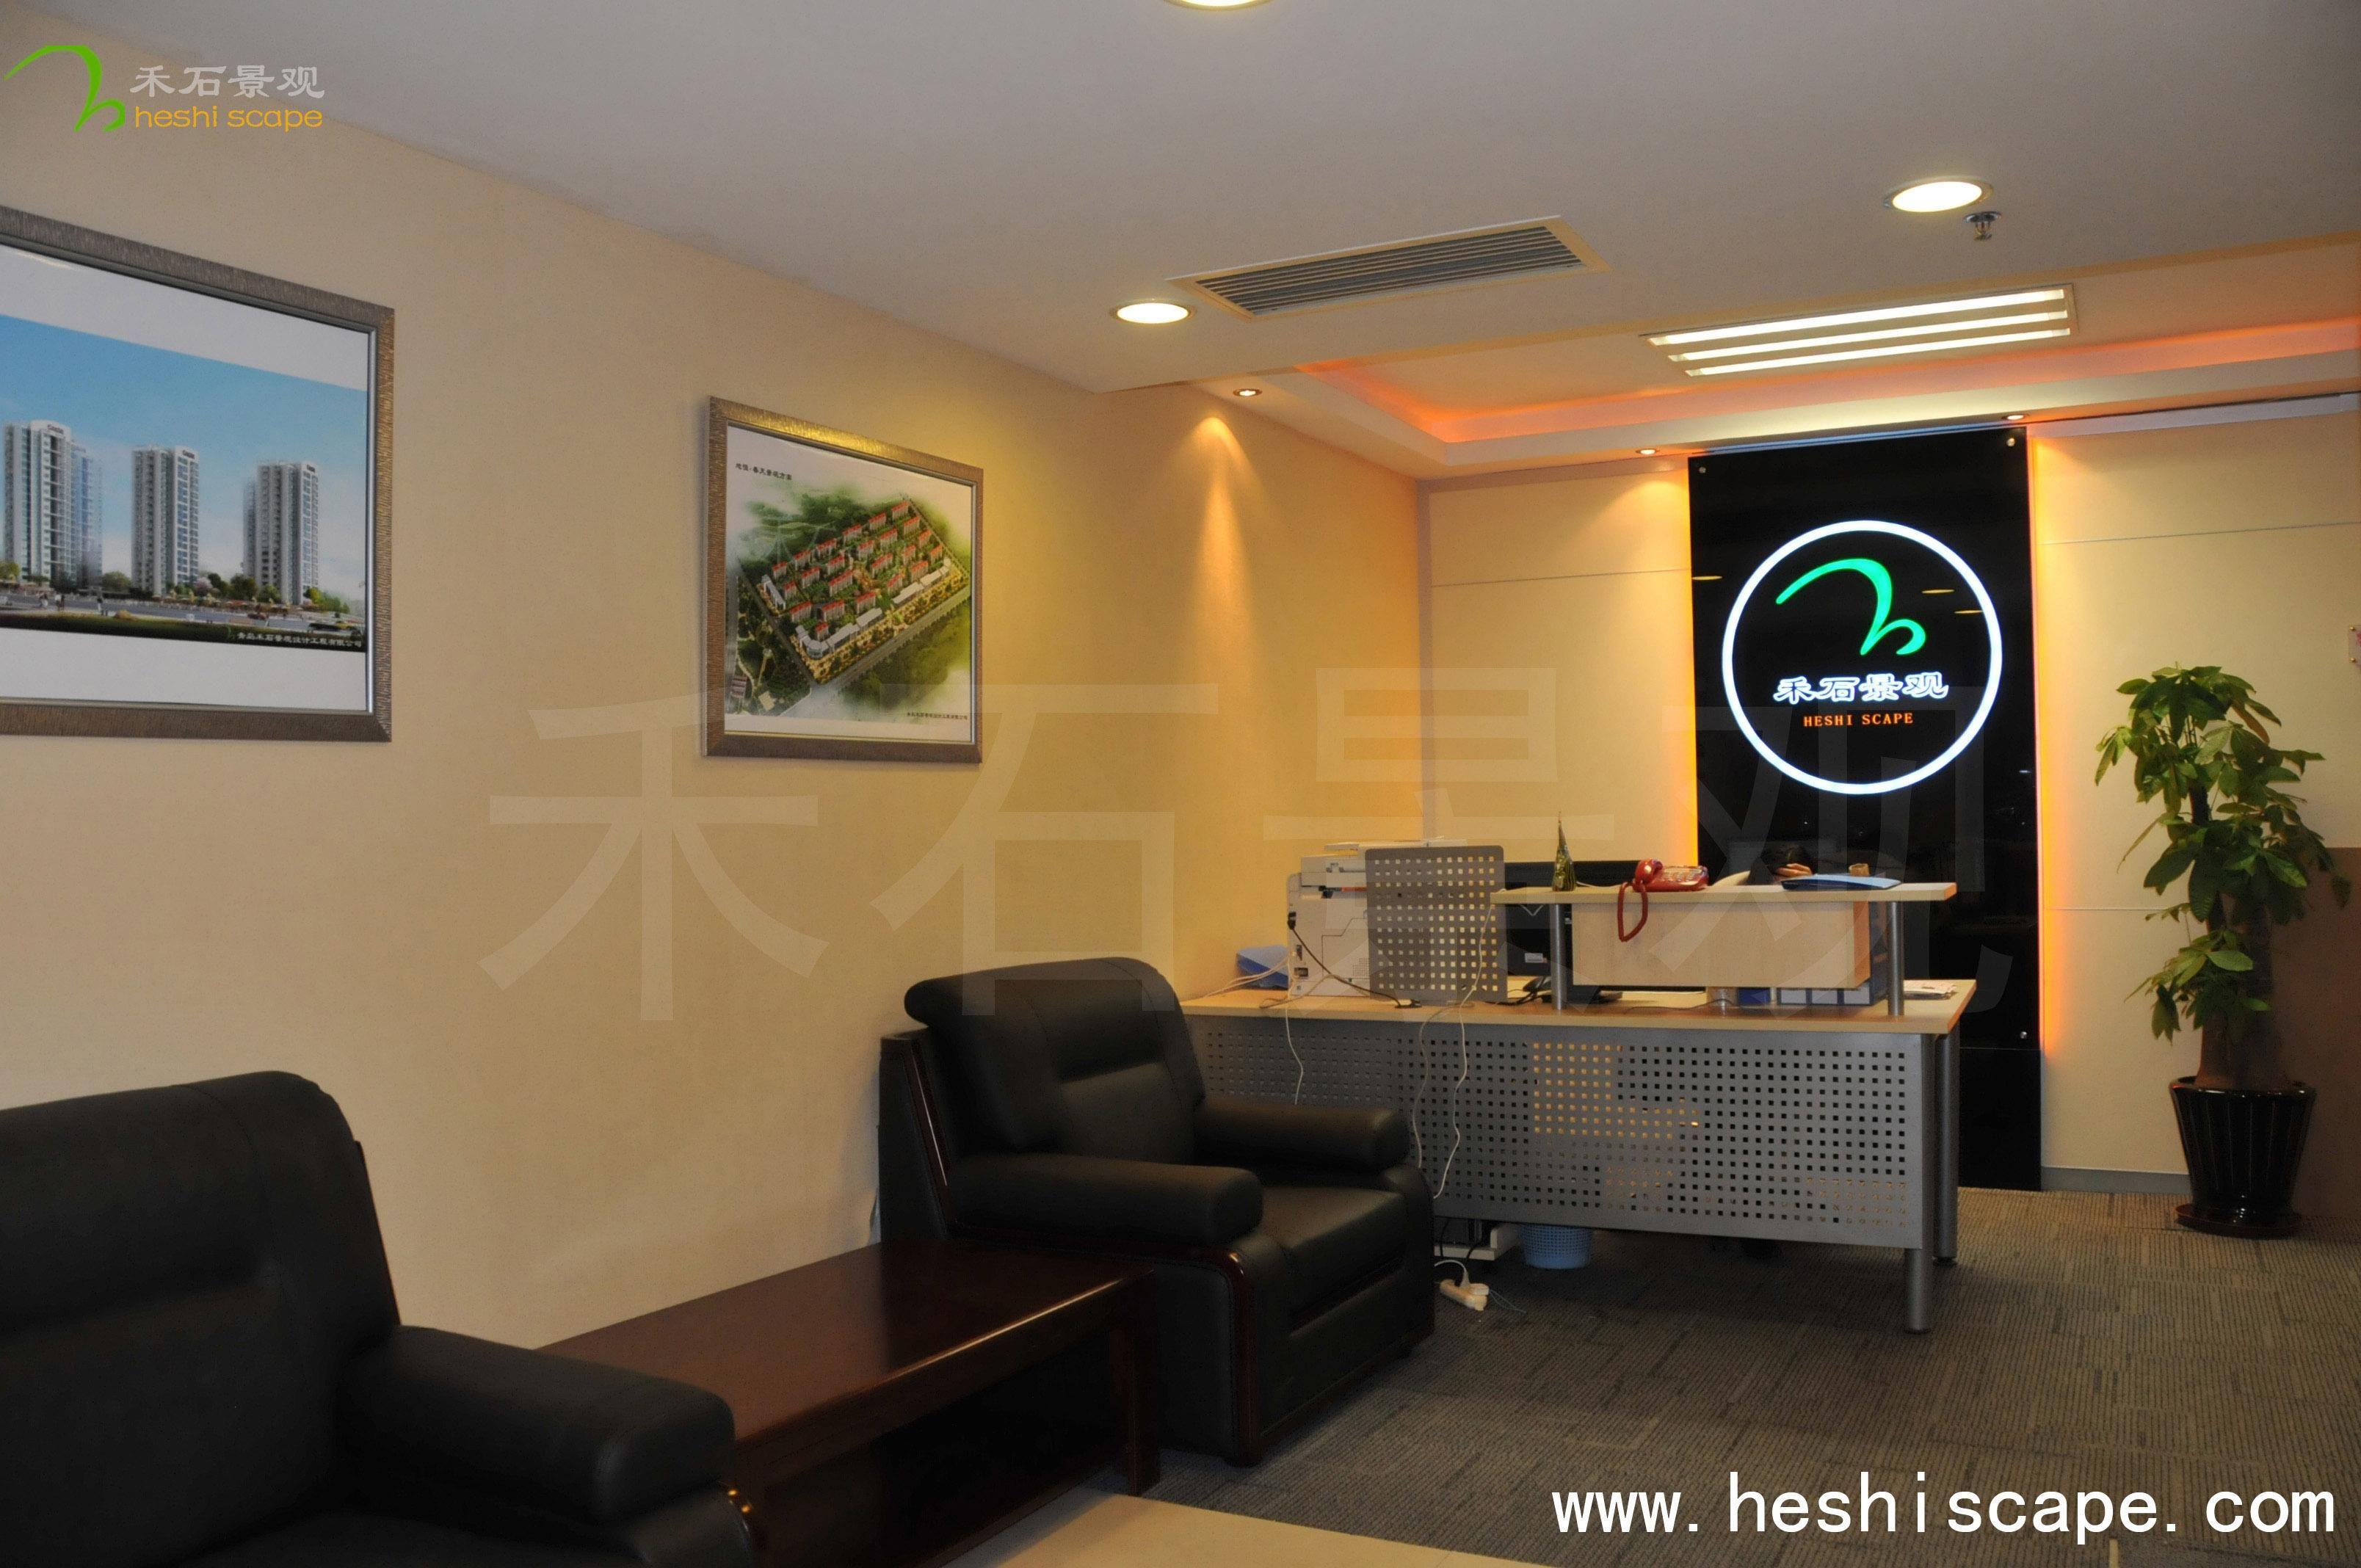 红动中国 青岛广告公司 禾石景观 设计案例     其他案例图片   前台